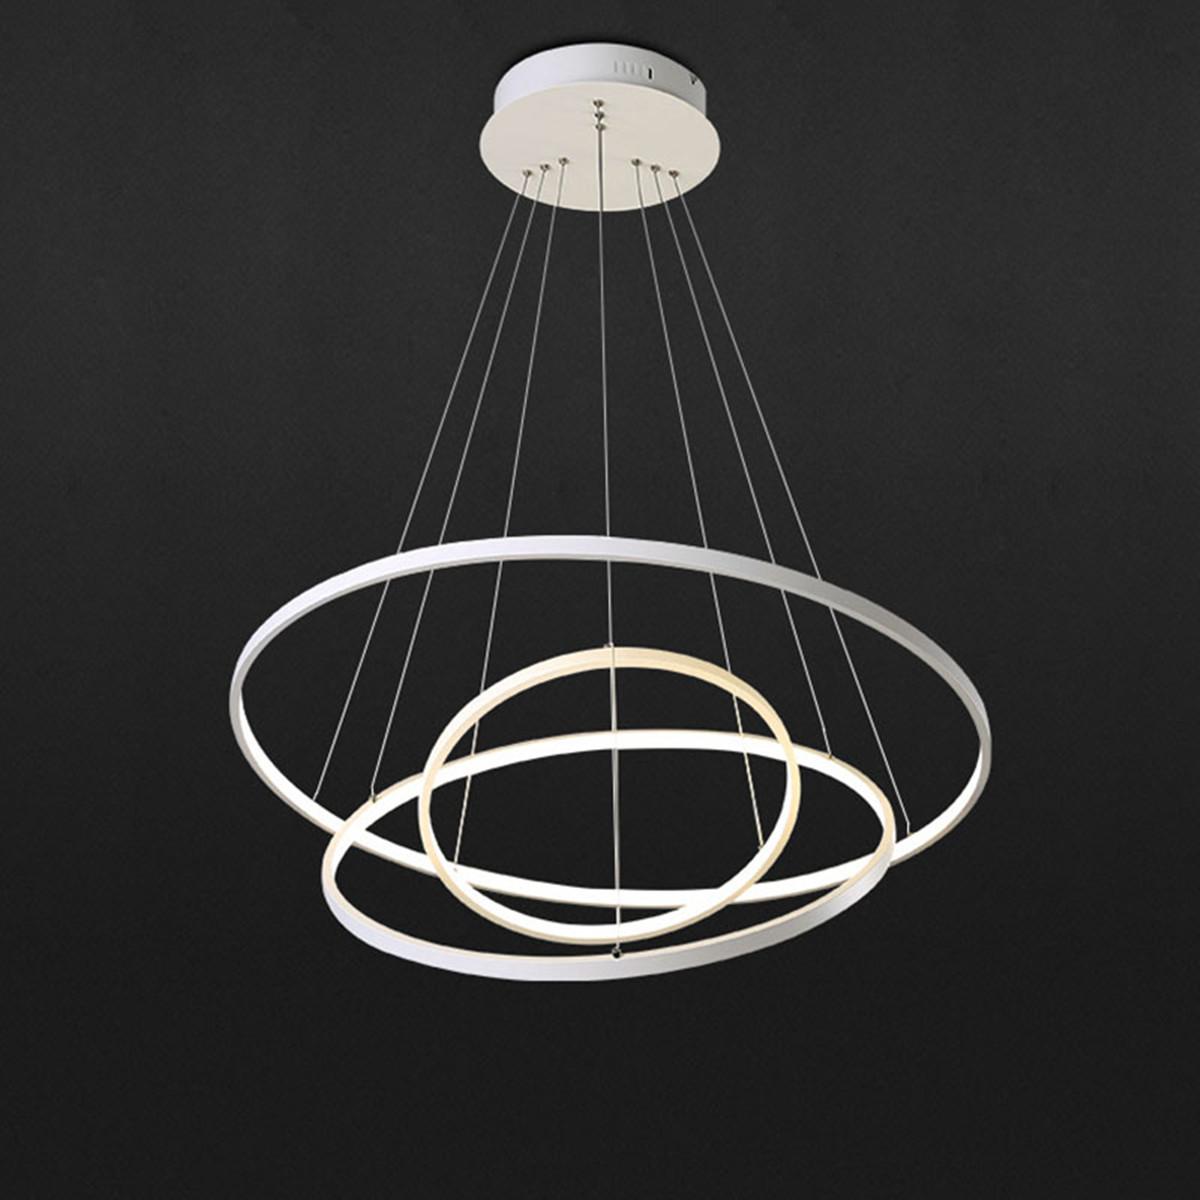 Modern 3 Tier Led Ring Chandelier Pendant Lamp Ceiling: Modern 3 Ring Pendant Light Acrylic Aluminum LED